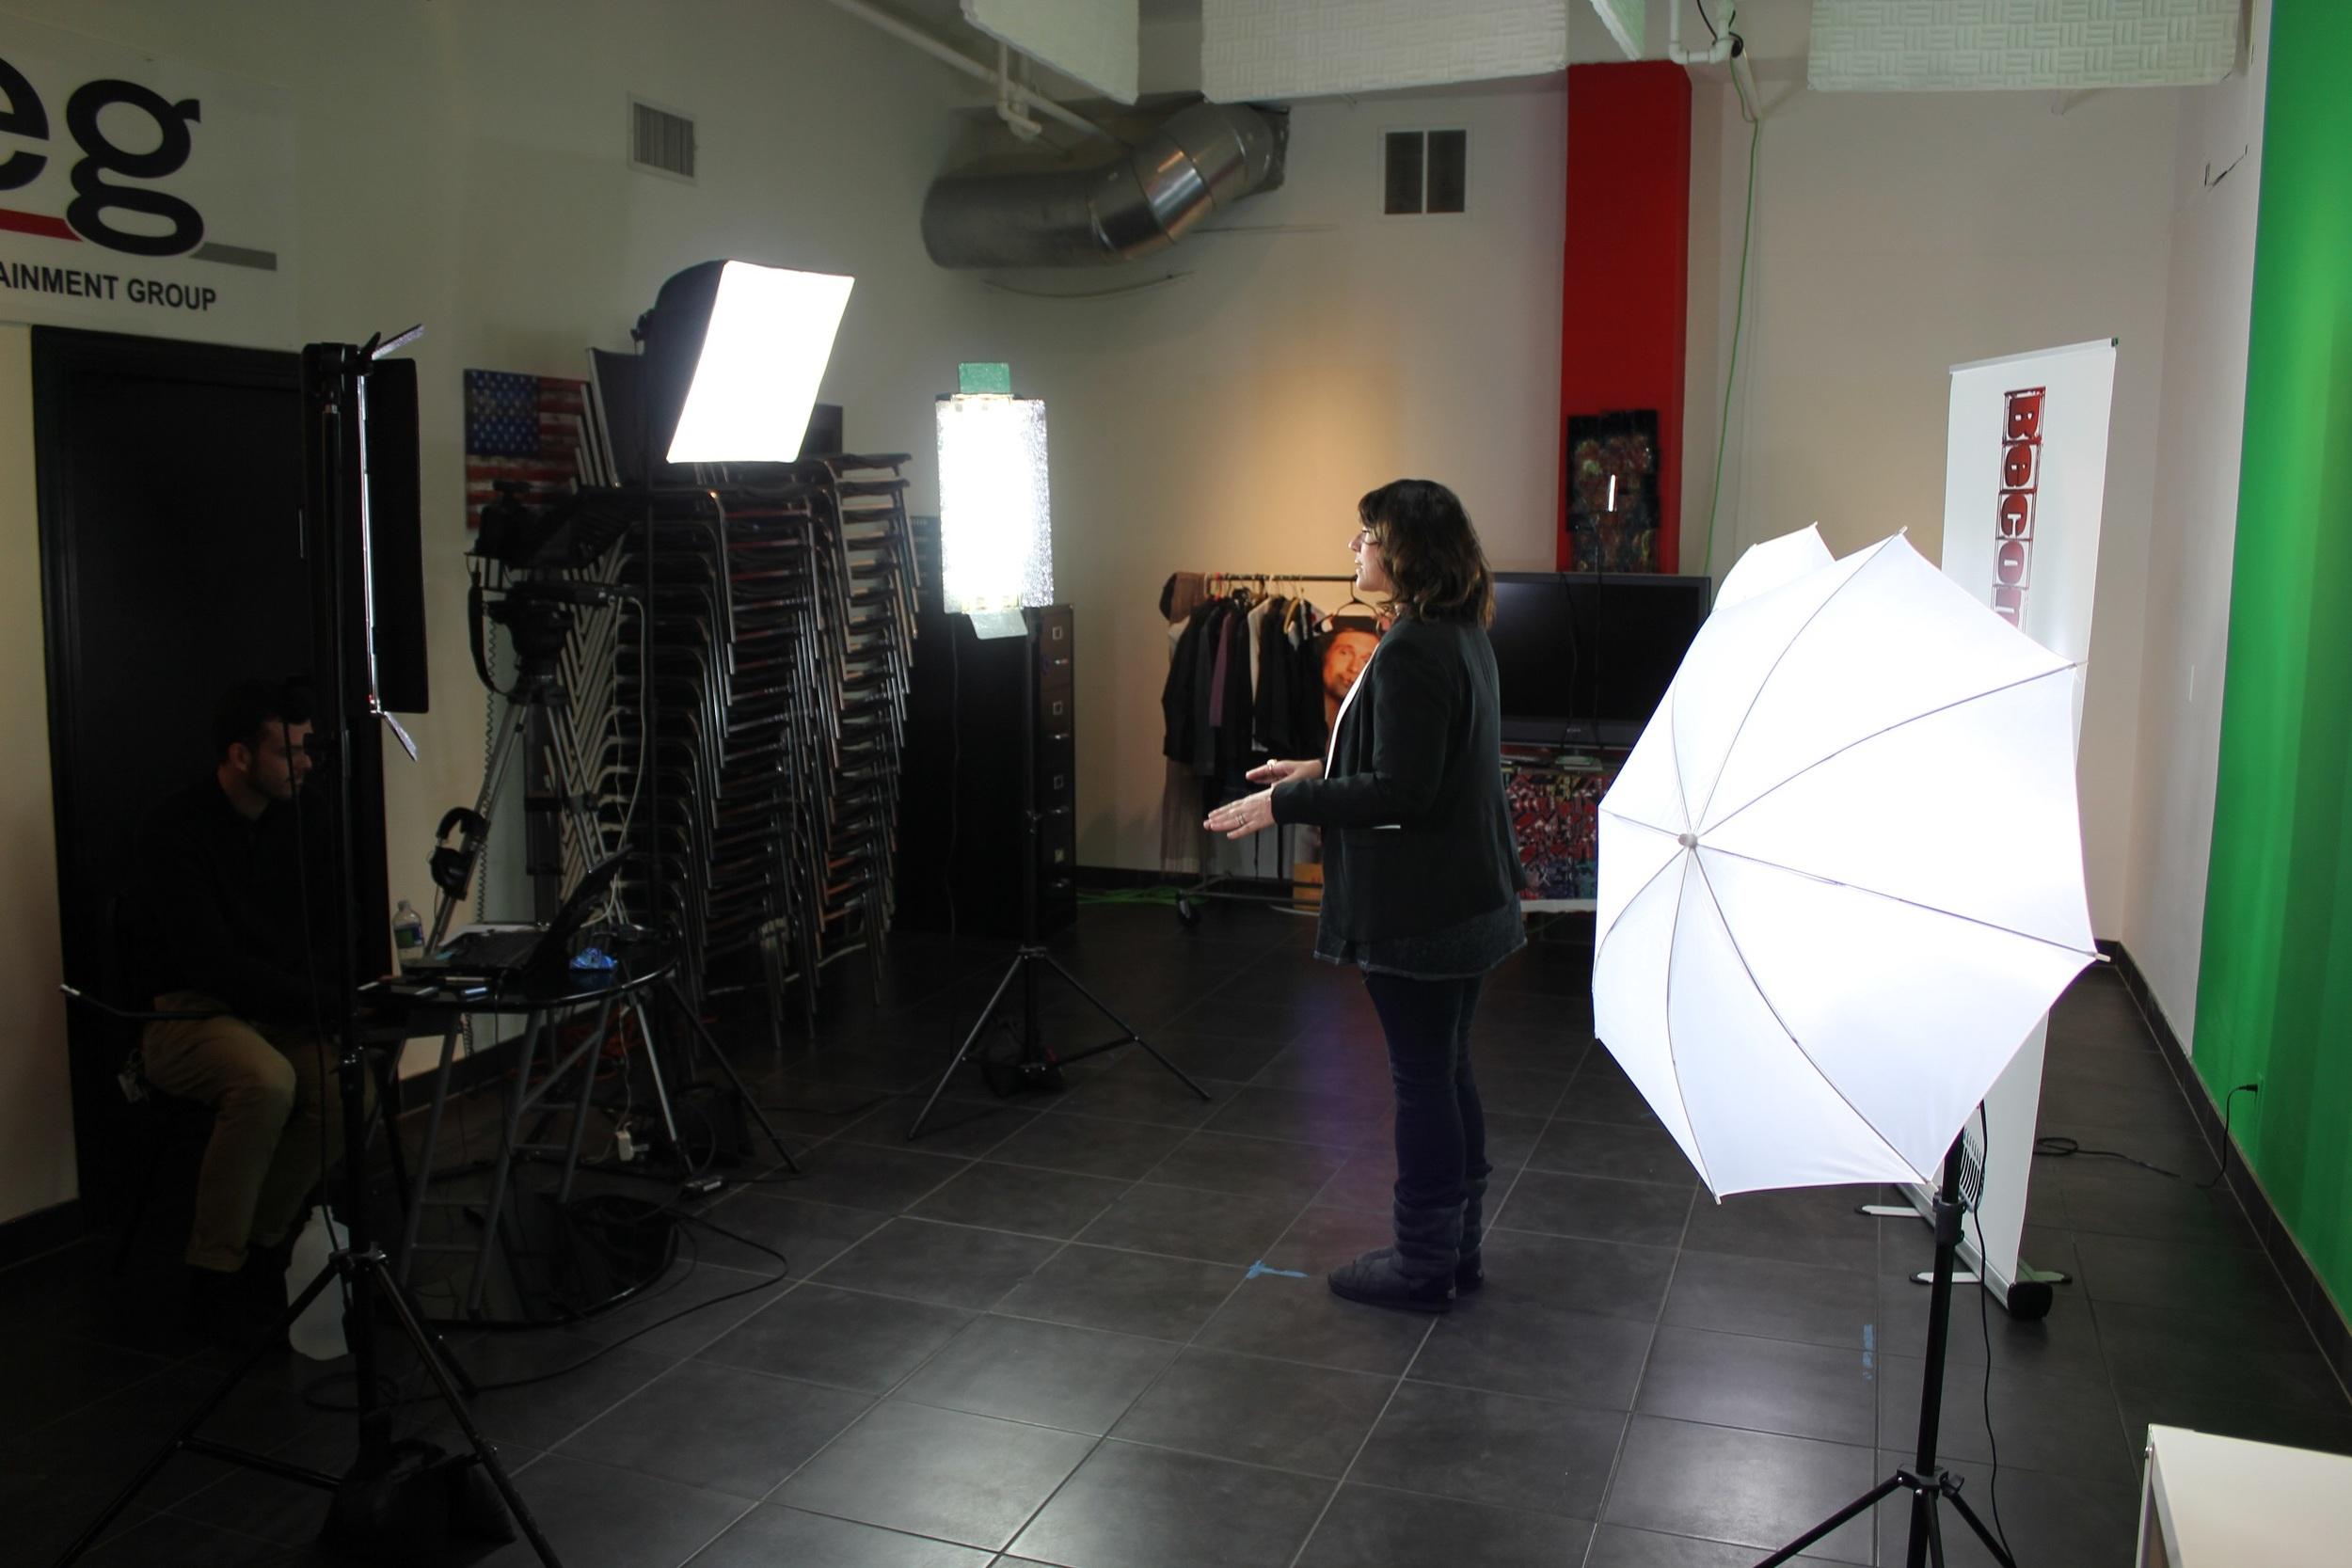 Marki in Studio1.jpg